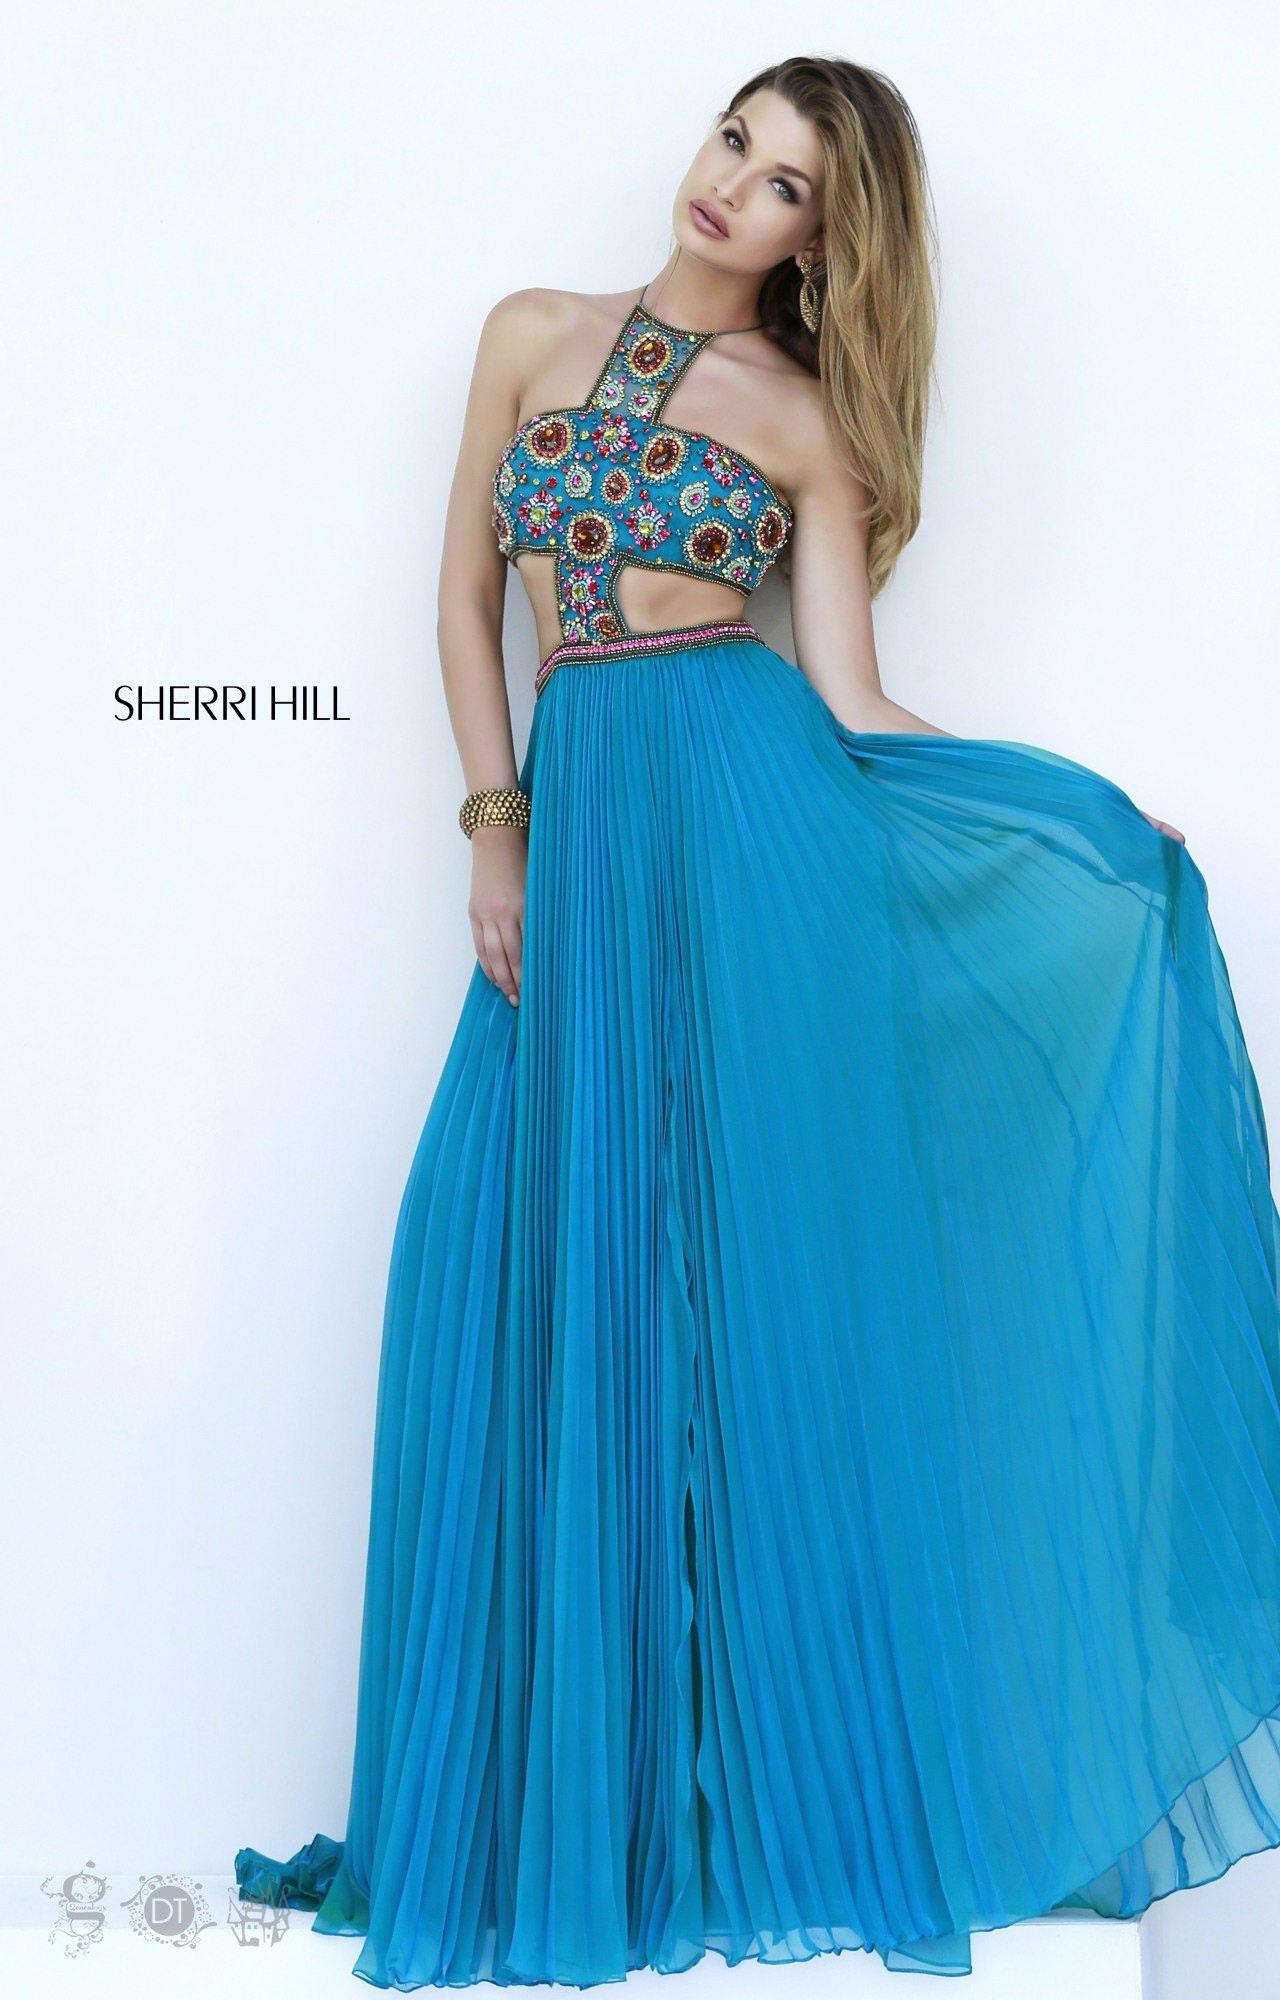 Sherri Hill 11206 Formal Evening Prom Dress